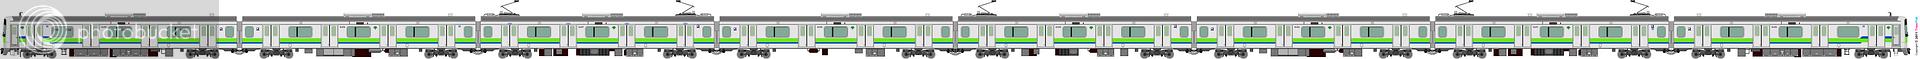 [5341] 東京都交通局 2341